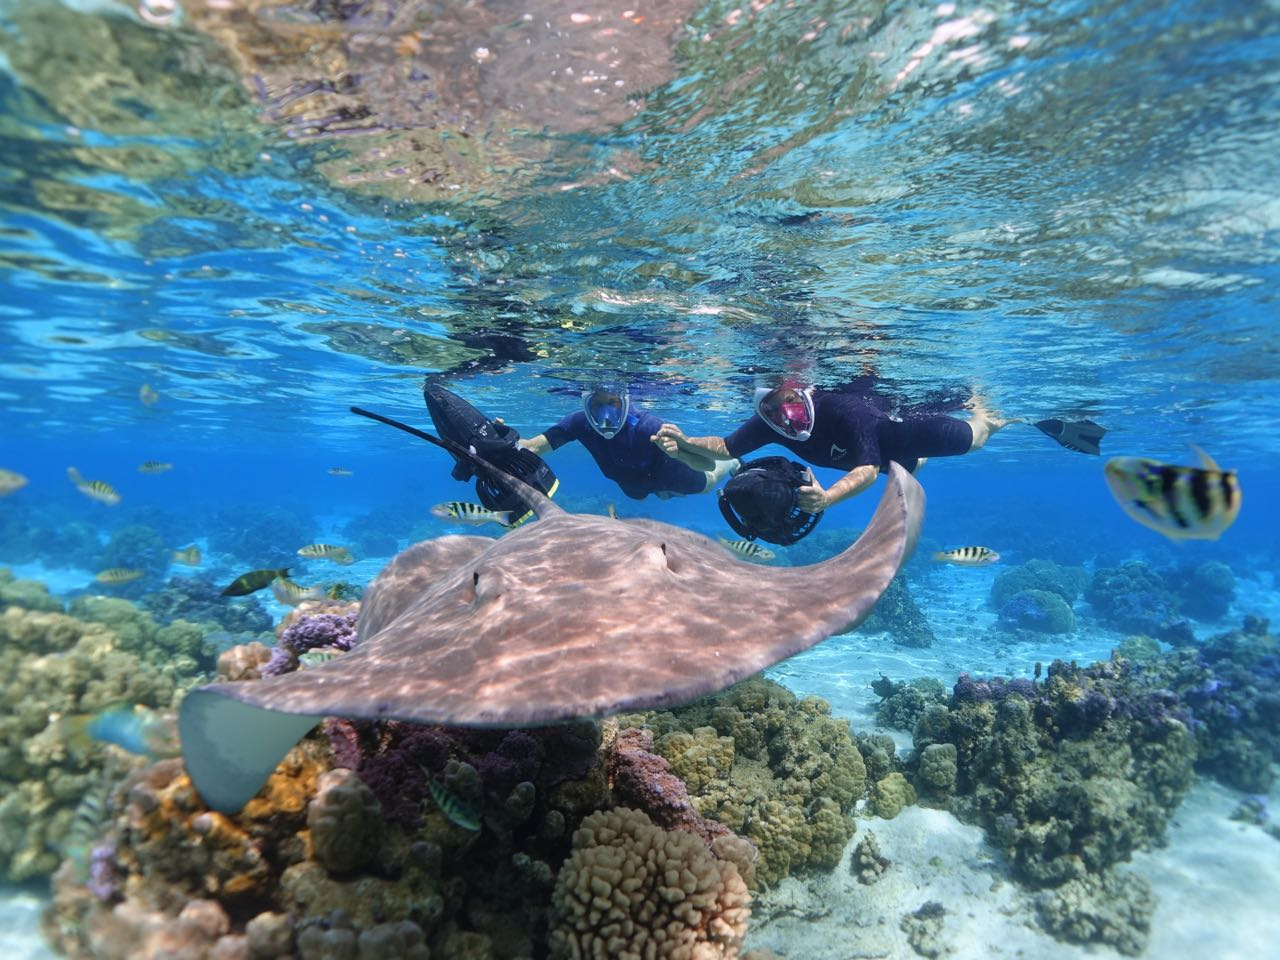 https://tahititourisme.jp/wp-content/uploads/2020/09/Sea-Scooter-Snorkeling-Tour-à-moorea-copie-2.jpg